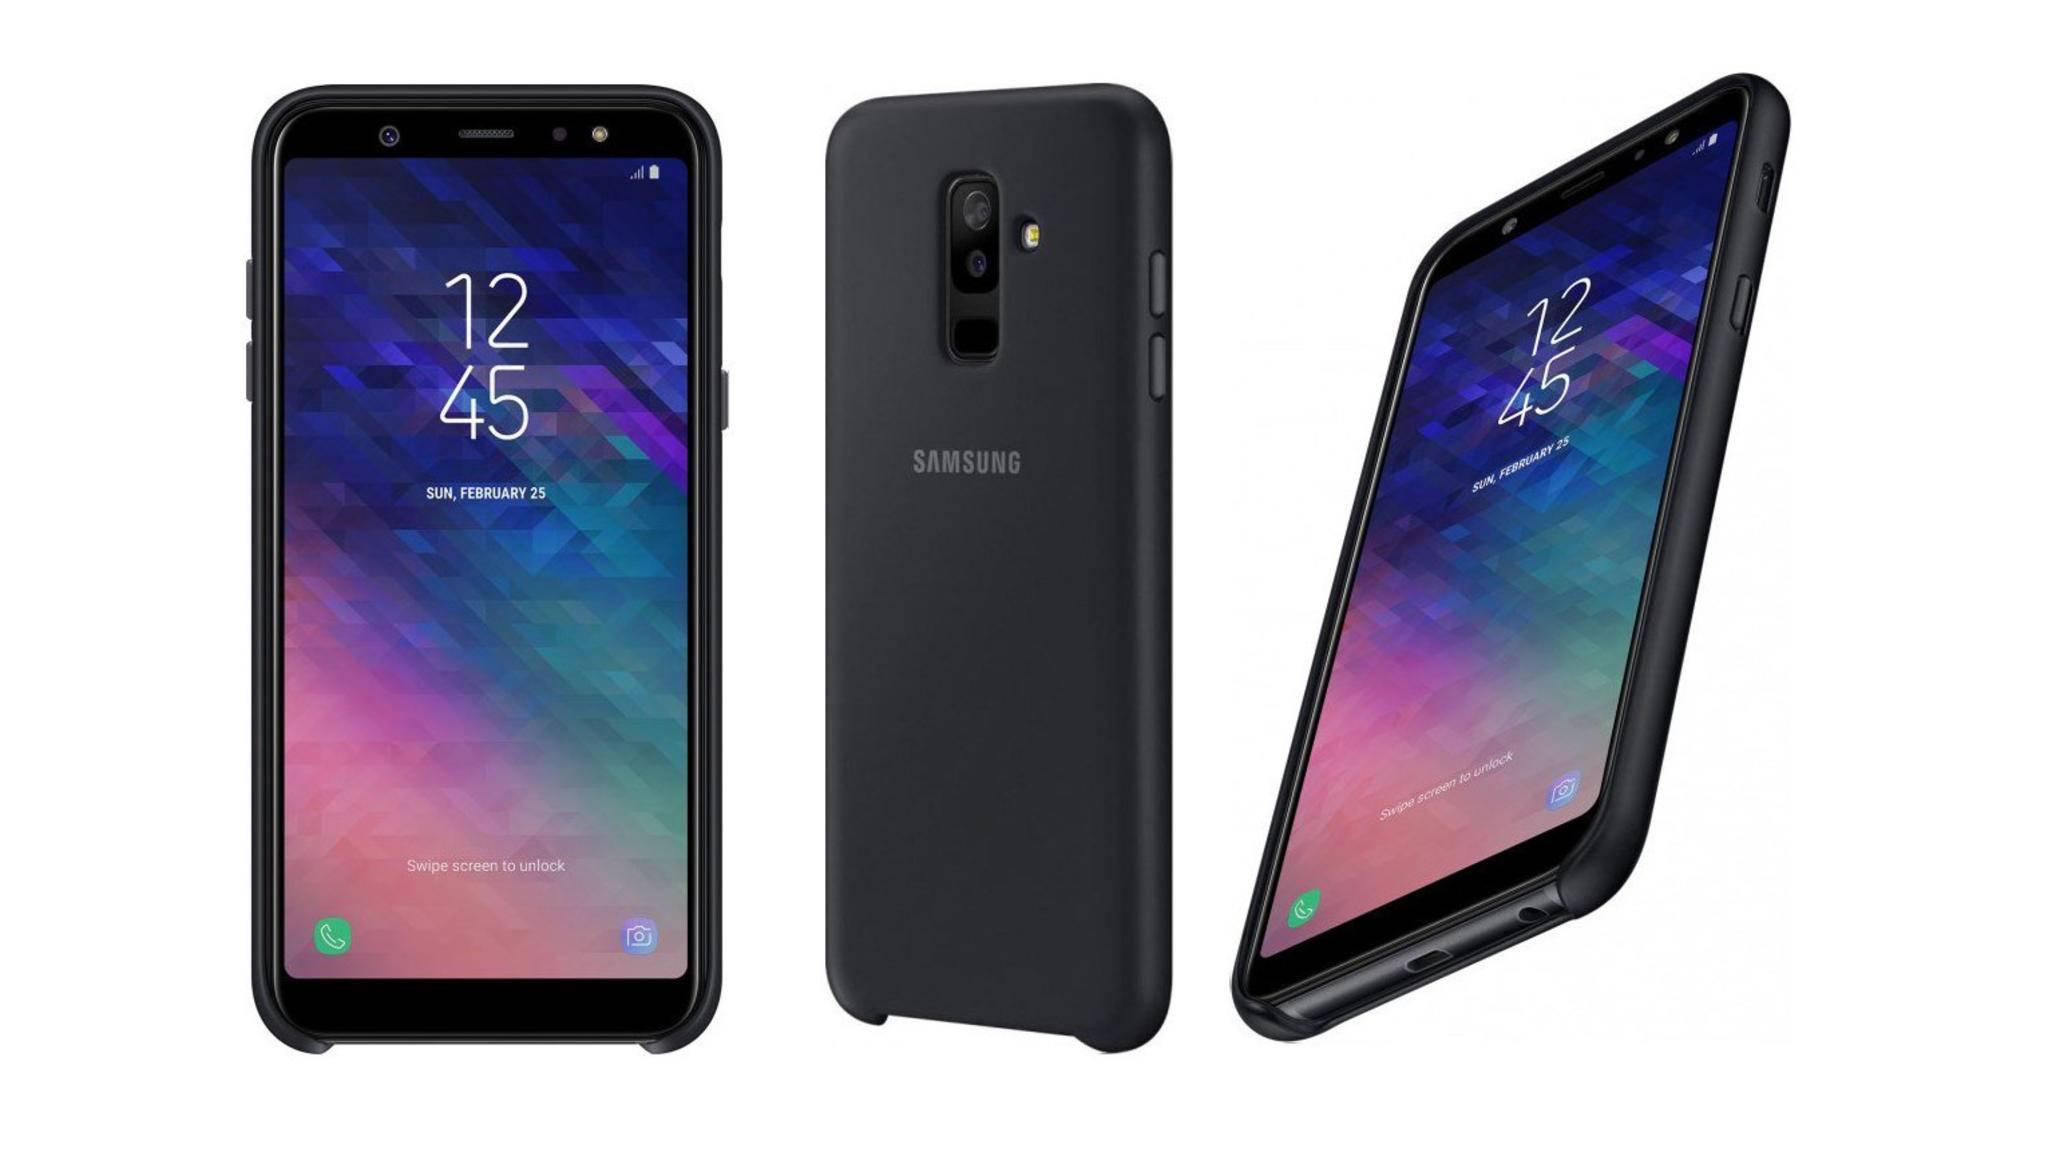 Das Galaxy A6 Plus soll mit einer Dual-Kamera ausgestattet sein.